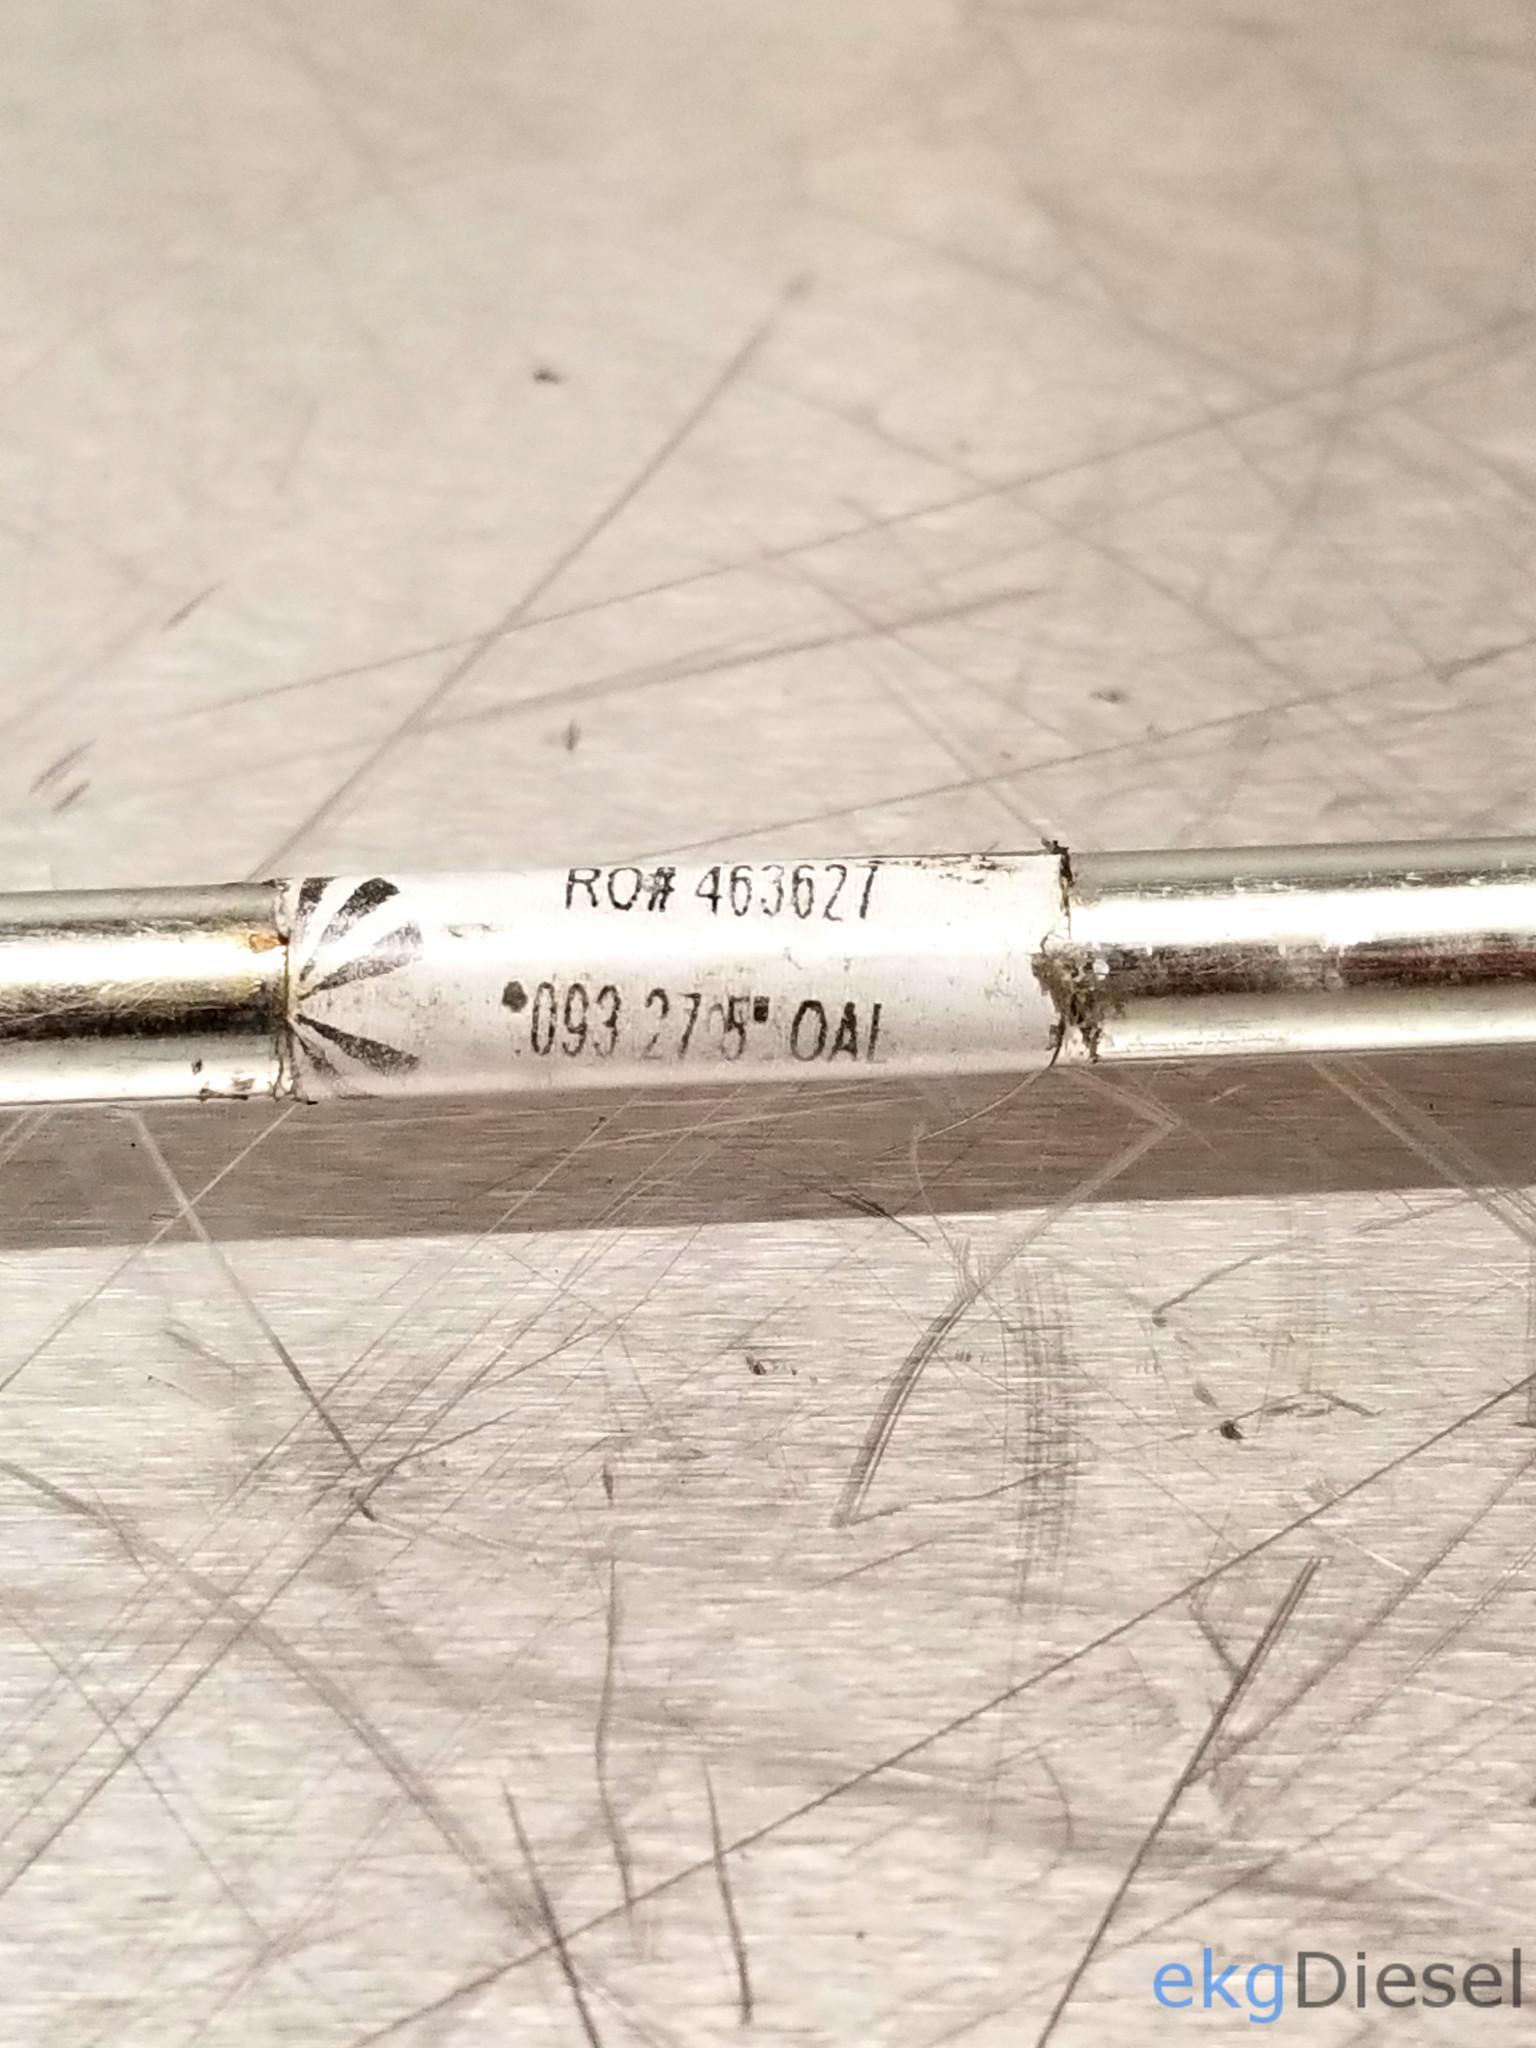 Cummins / Scheid Diesel P-Pump 24 Valve  093 911 Line